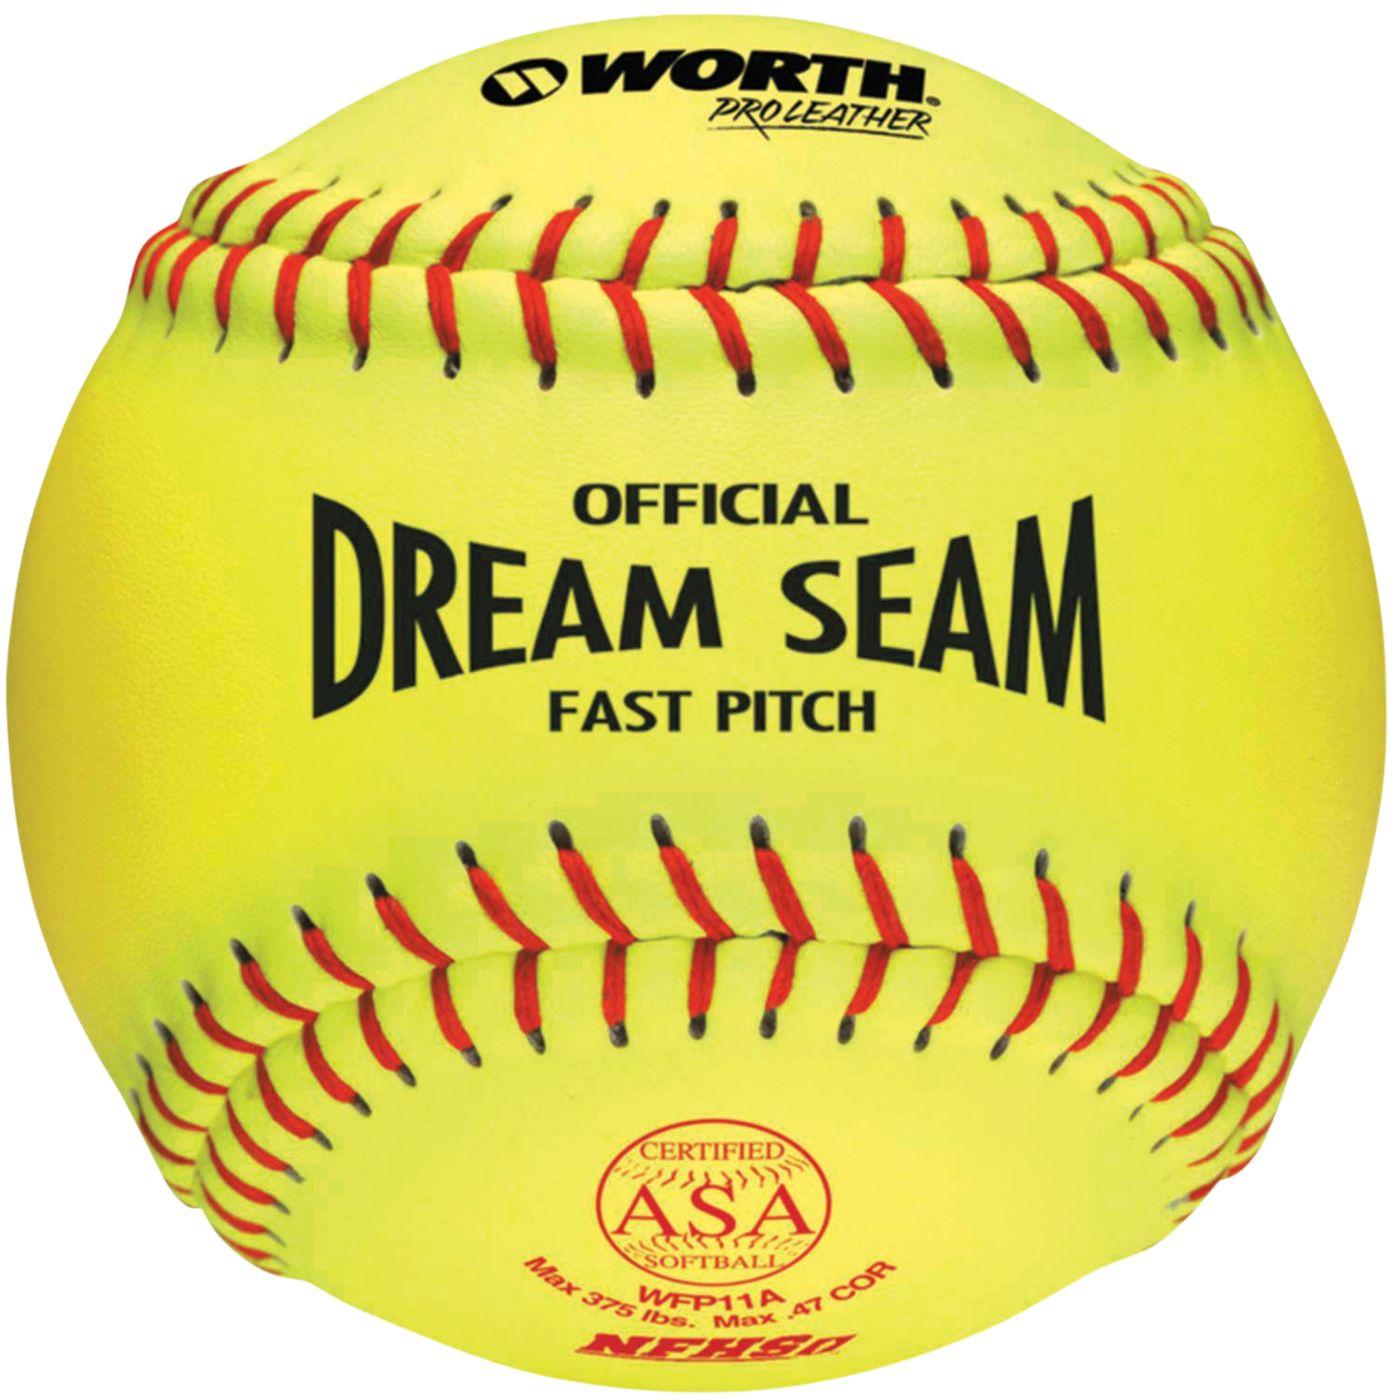 """Worth 11"""" ASAH/NFHS Official Dream Seam Fastpitch Softball"""